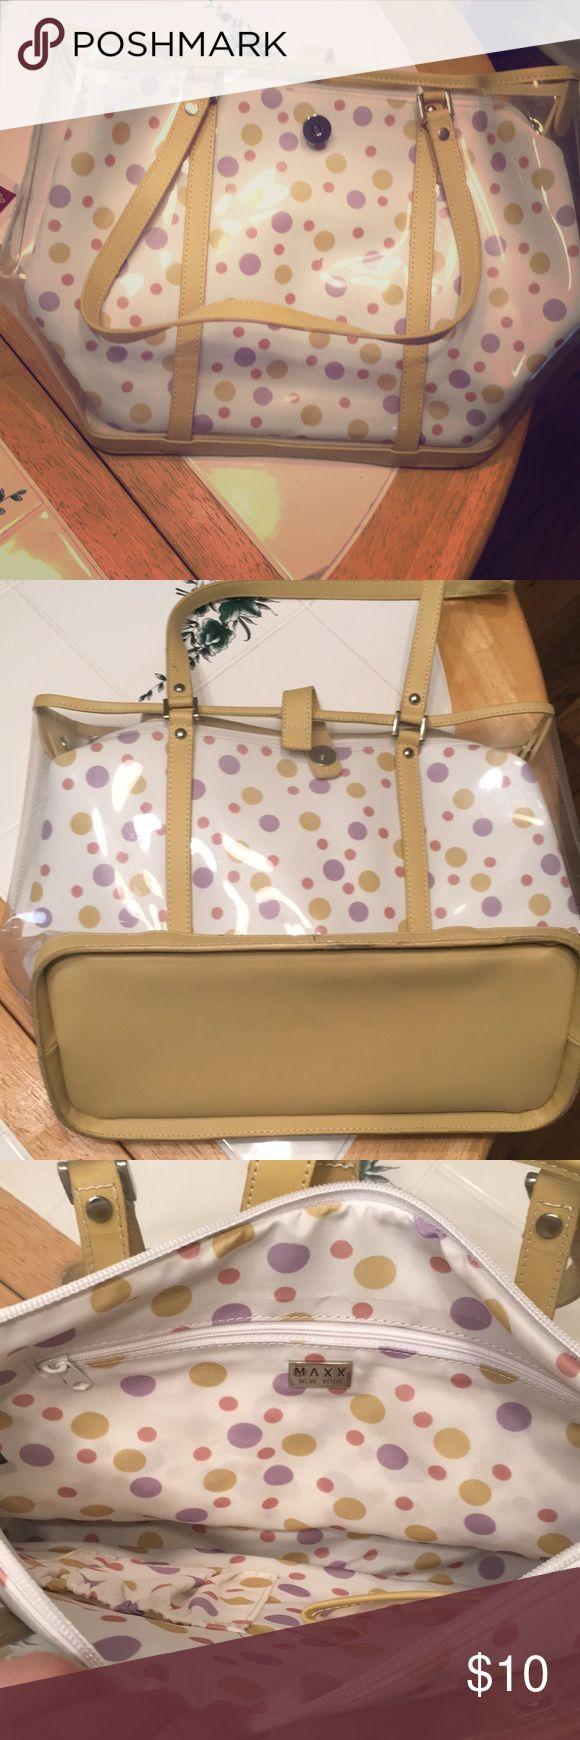 Polka dot bag like new Polka dot bag never used. Bags Shoulder Bags